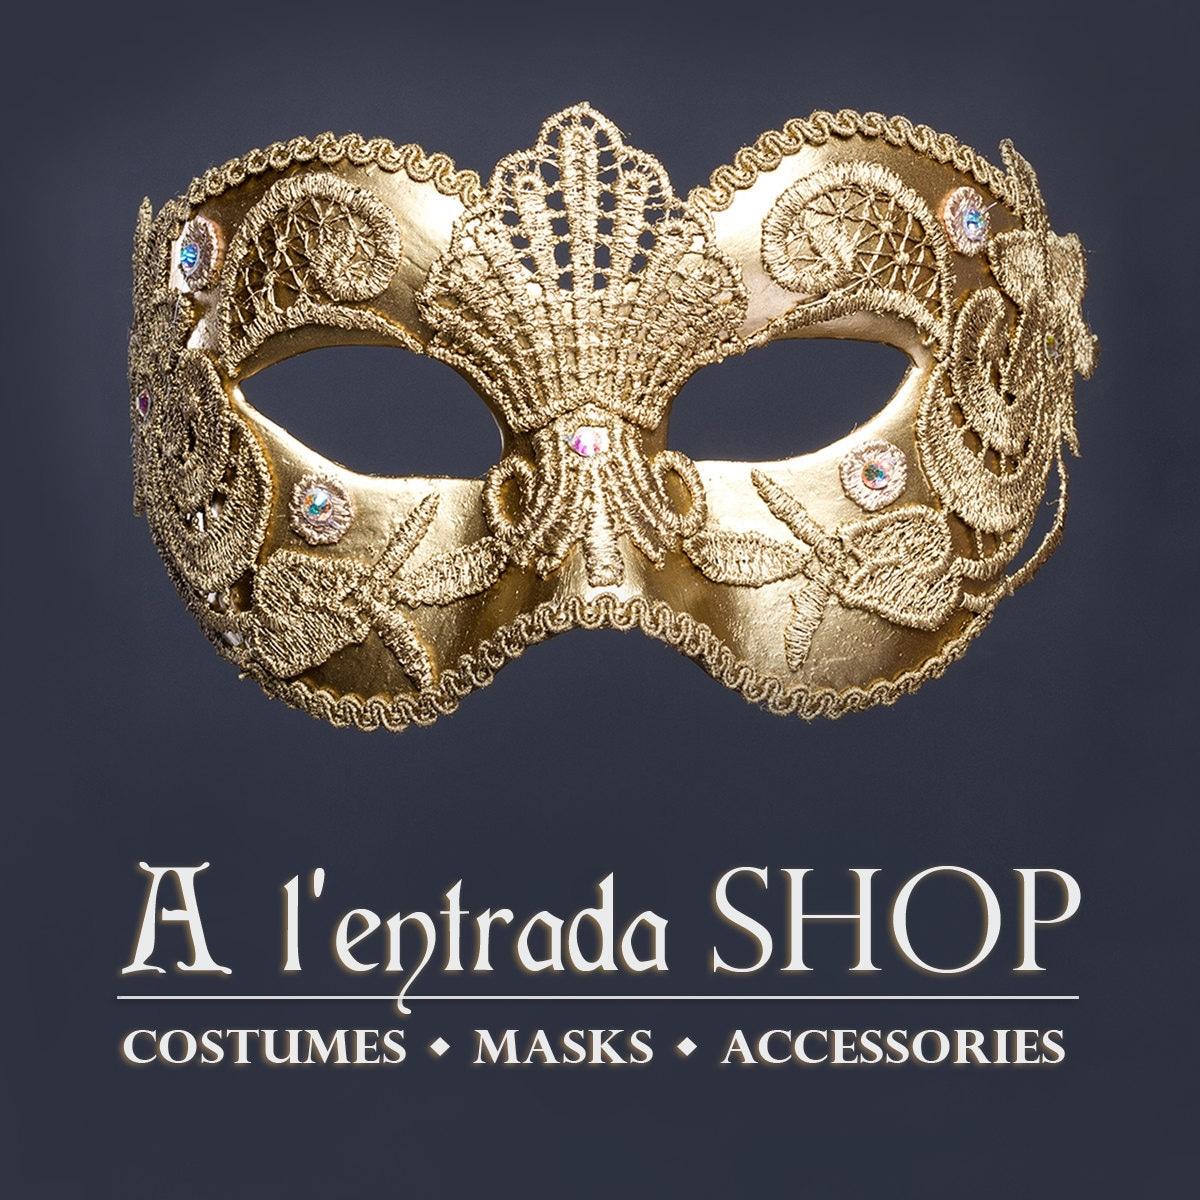 b5a3a2bb128f Costumes Masks Headdresses Accessories di AlentradaSHOP